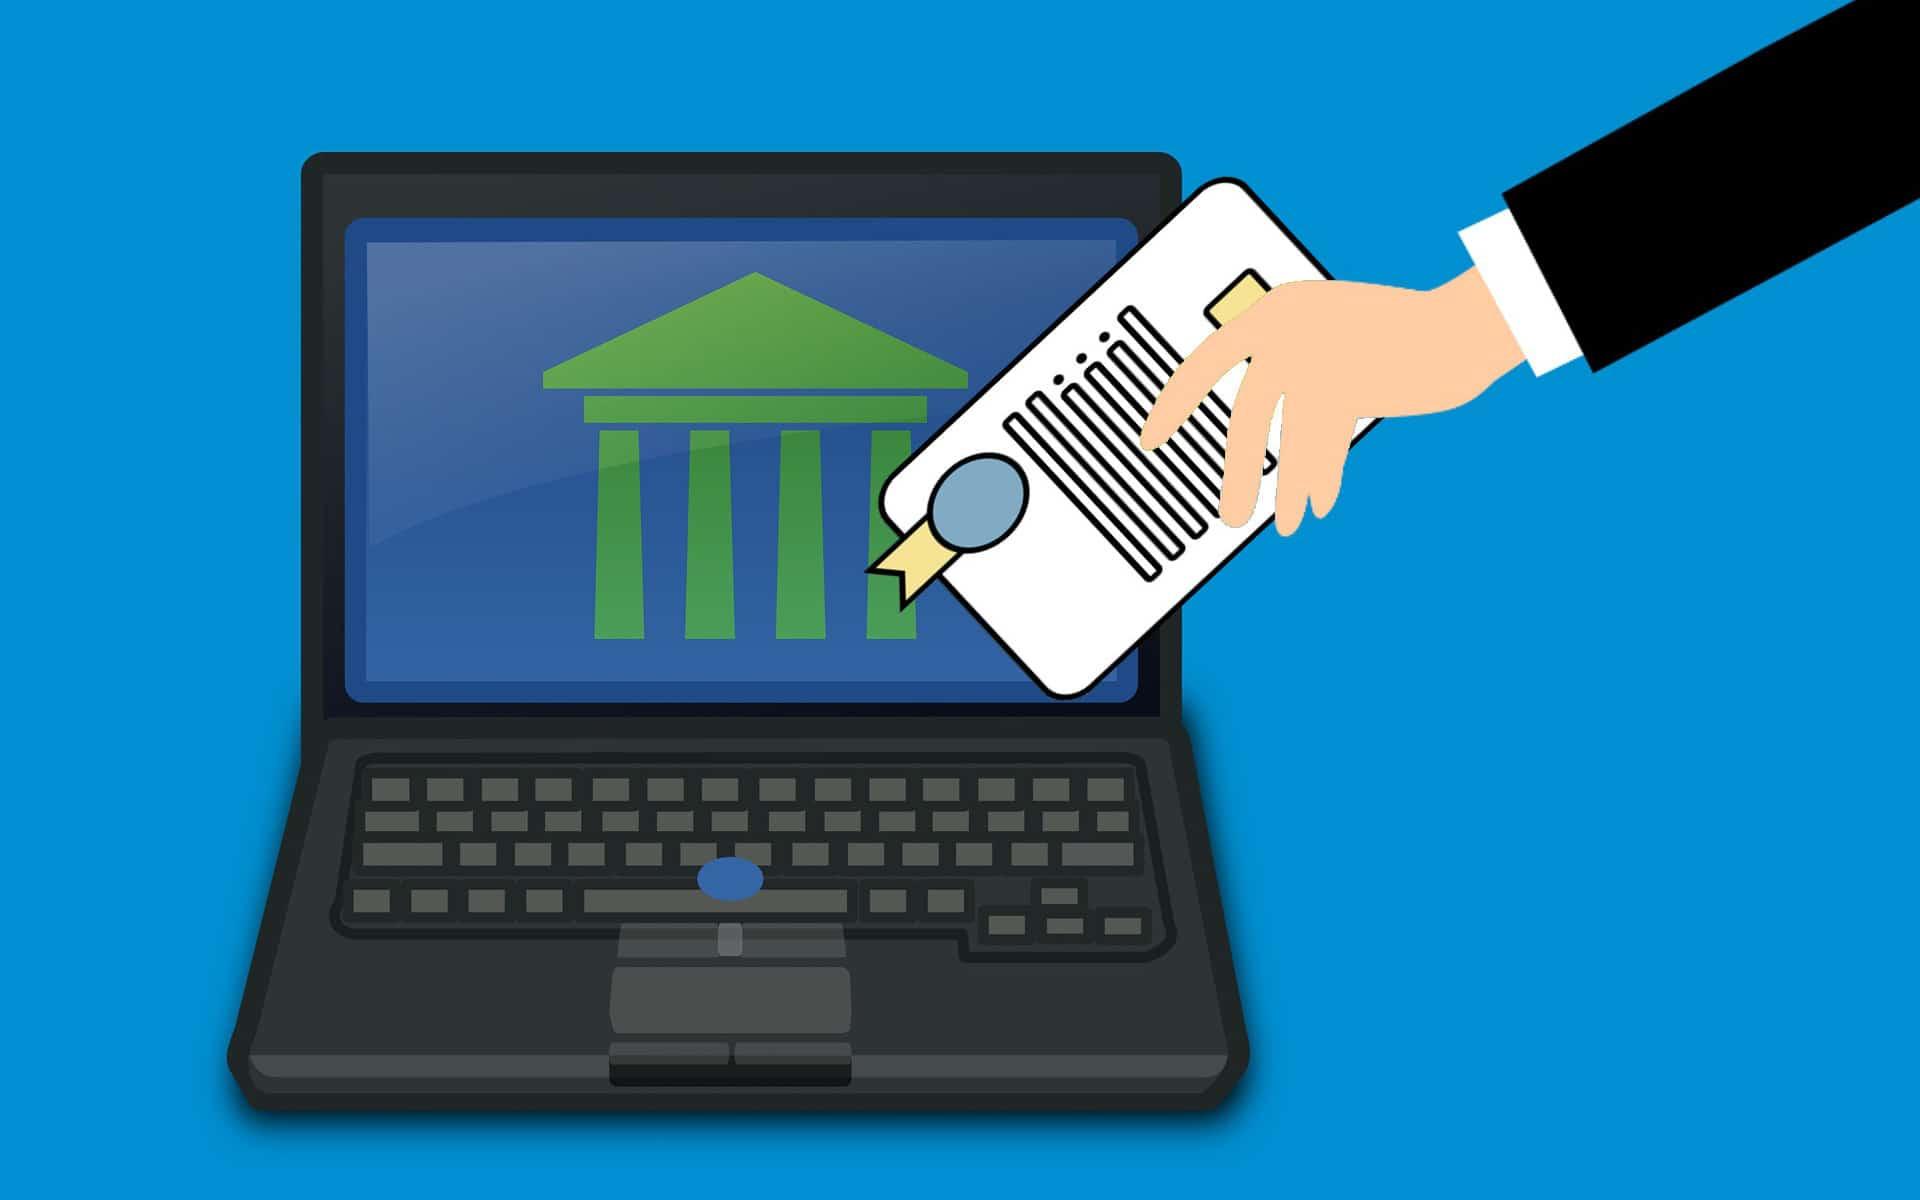 Die eindeutig festgestellten und bestätigten Identitäten der kontoführenden Banken sind Grundlage des Dient-Verfahrens SRS Bank. <Q>Mohamed Hassan, Fernando Mendoza / Pixabay